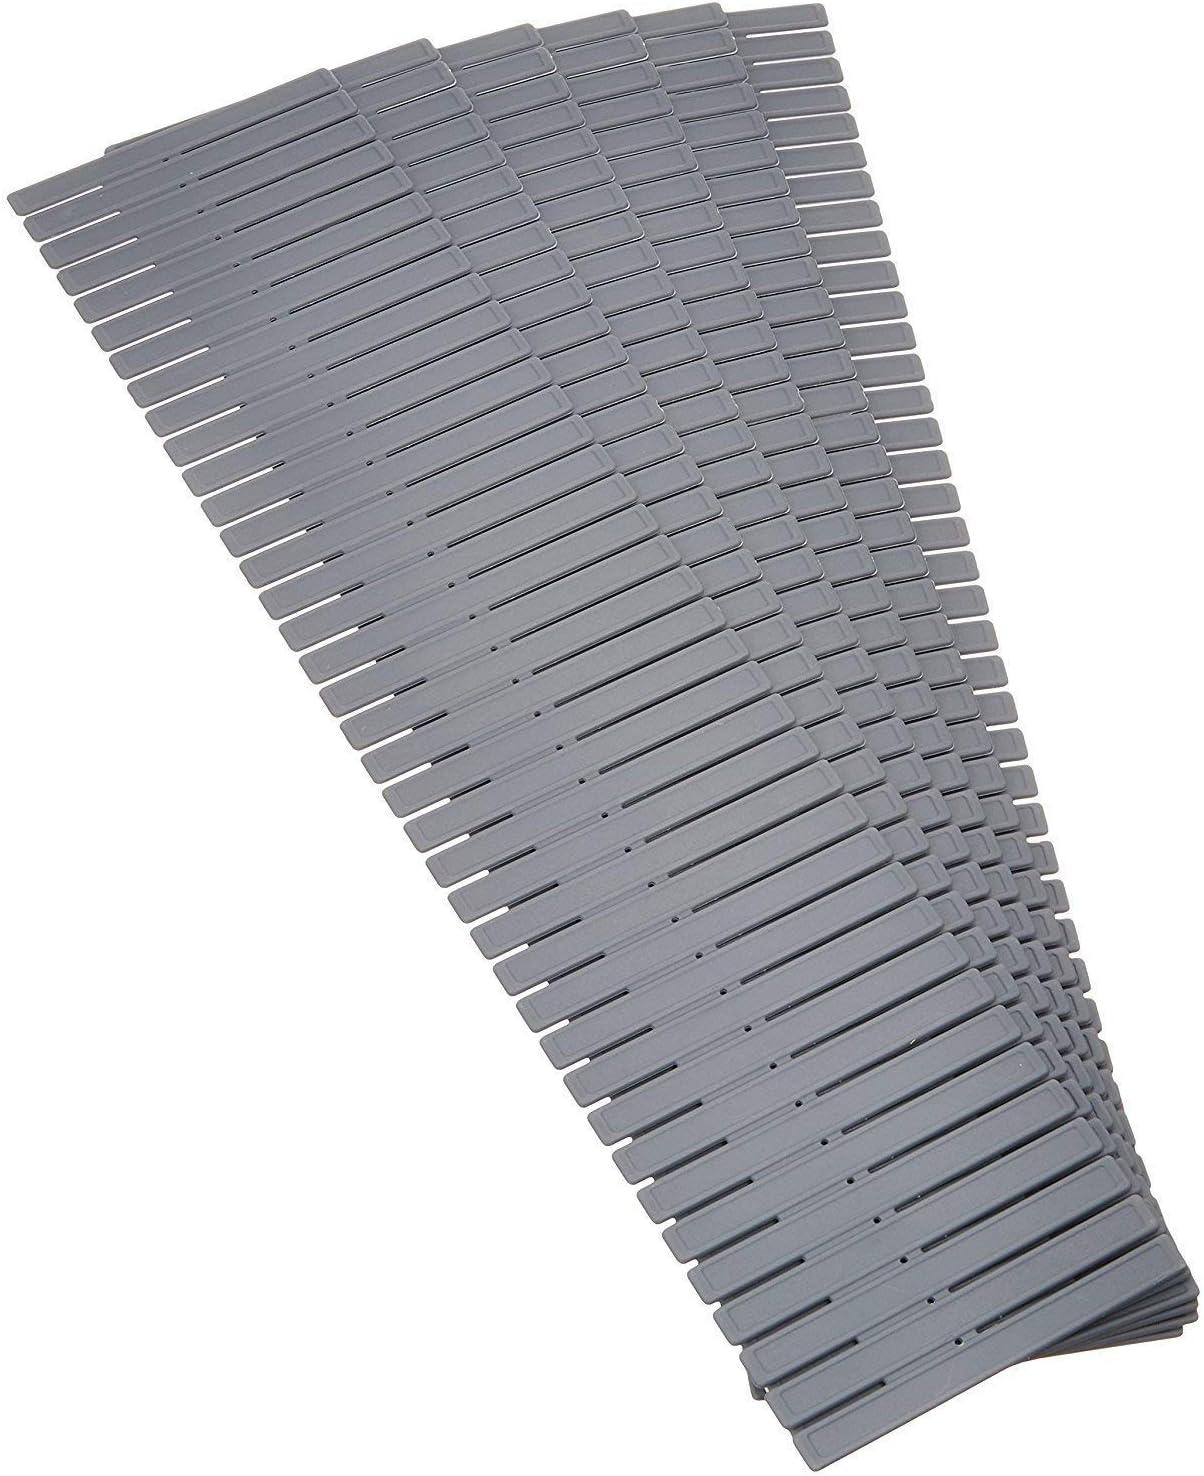 Febbya Organizadores de Cajones,8 Pack Ajustable Divisor de Cajones Separadores Cajon Plástico Separador de Armario para Ropa Interior Calcetines Corbatas Cinturones Cosméticos Hogar 32 * 7cm Gris